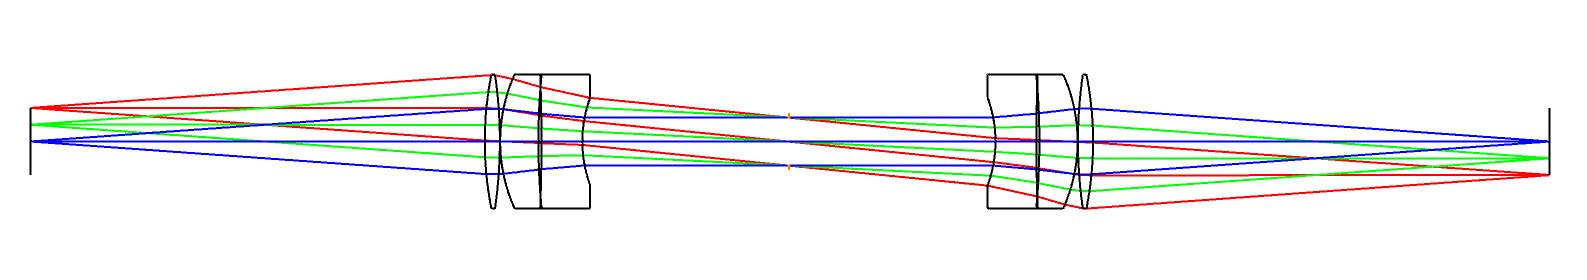 Bi-telecentric